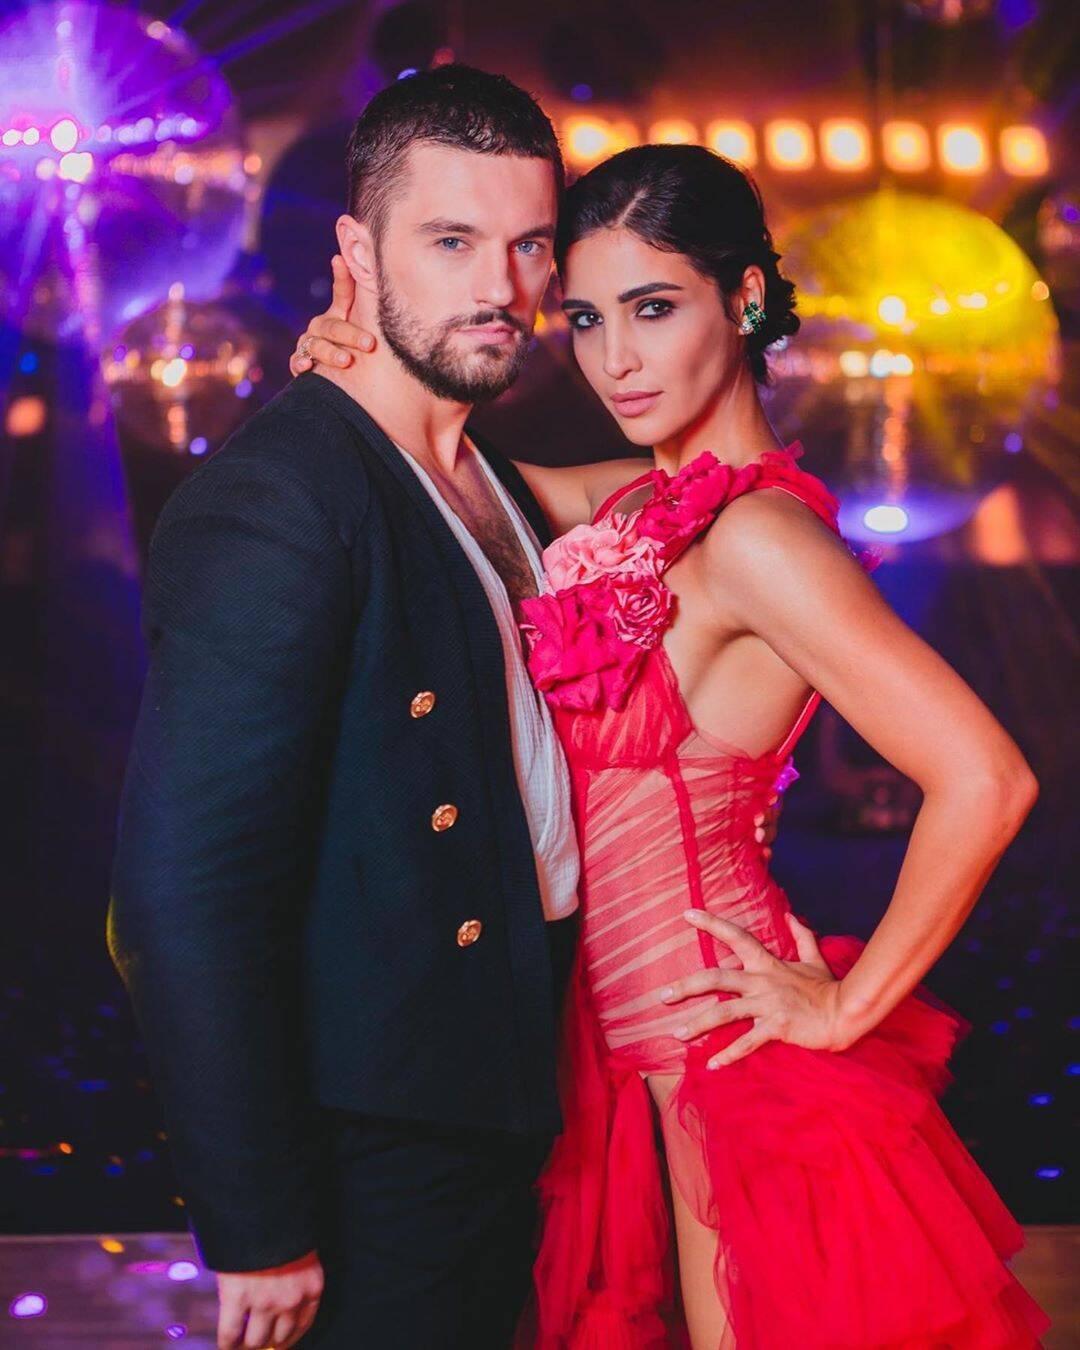 Макс Леонов і Санта Дімопулос (Instagram Танці з зірками на 1+1)